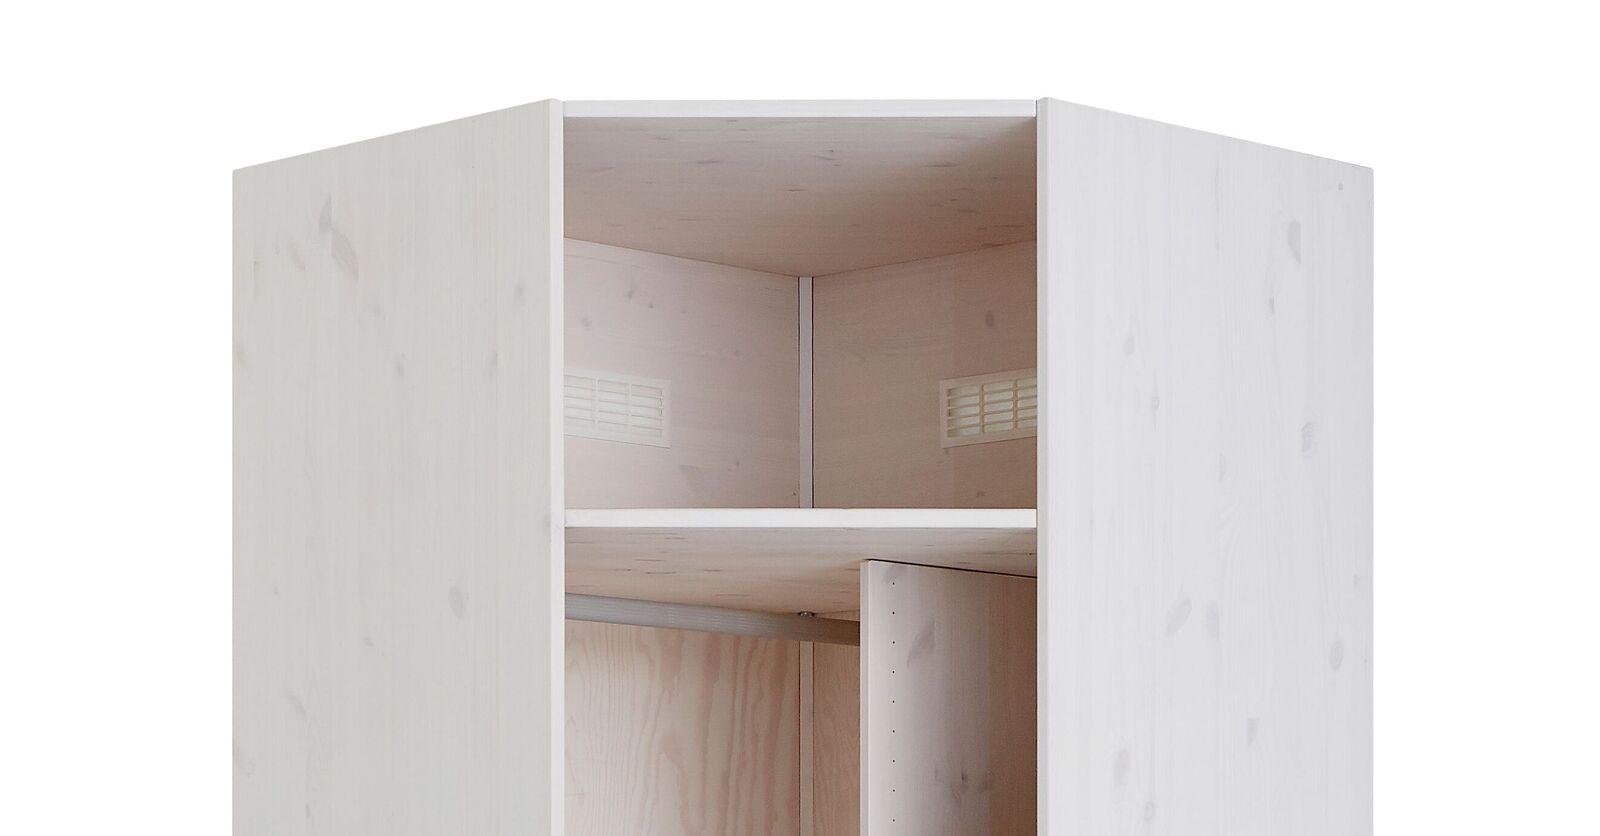 LIFETIME Eck-Kleiderschrank Original mit integriertem Lüftungssystem